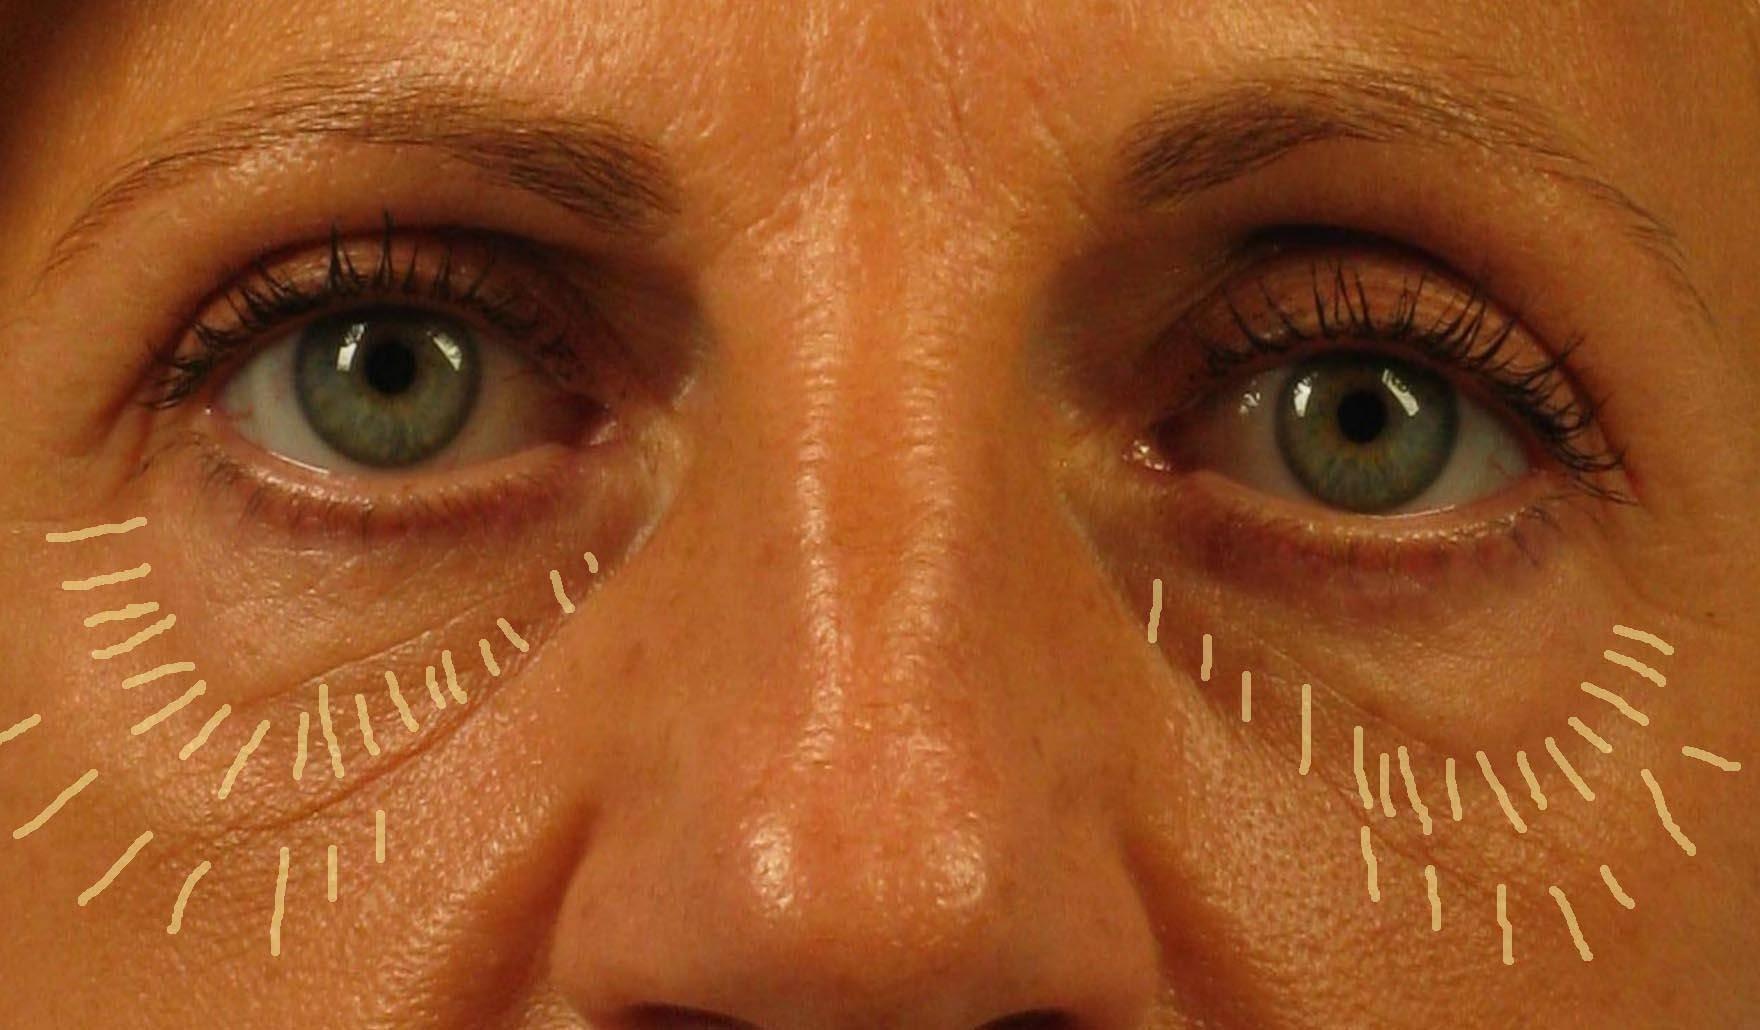 sunken eyes meaning - HD1760×1030